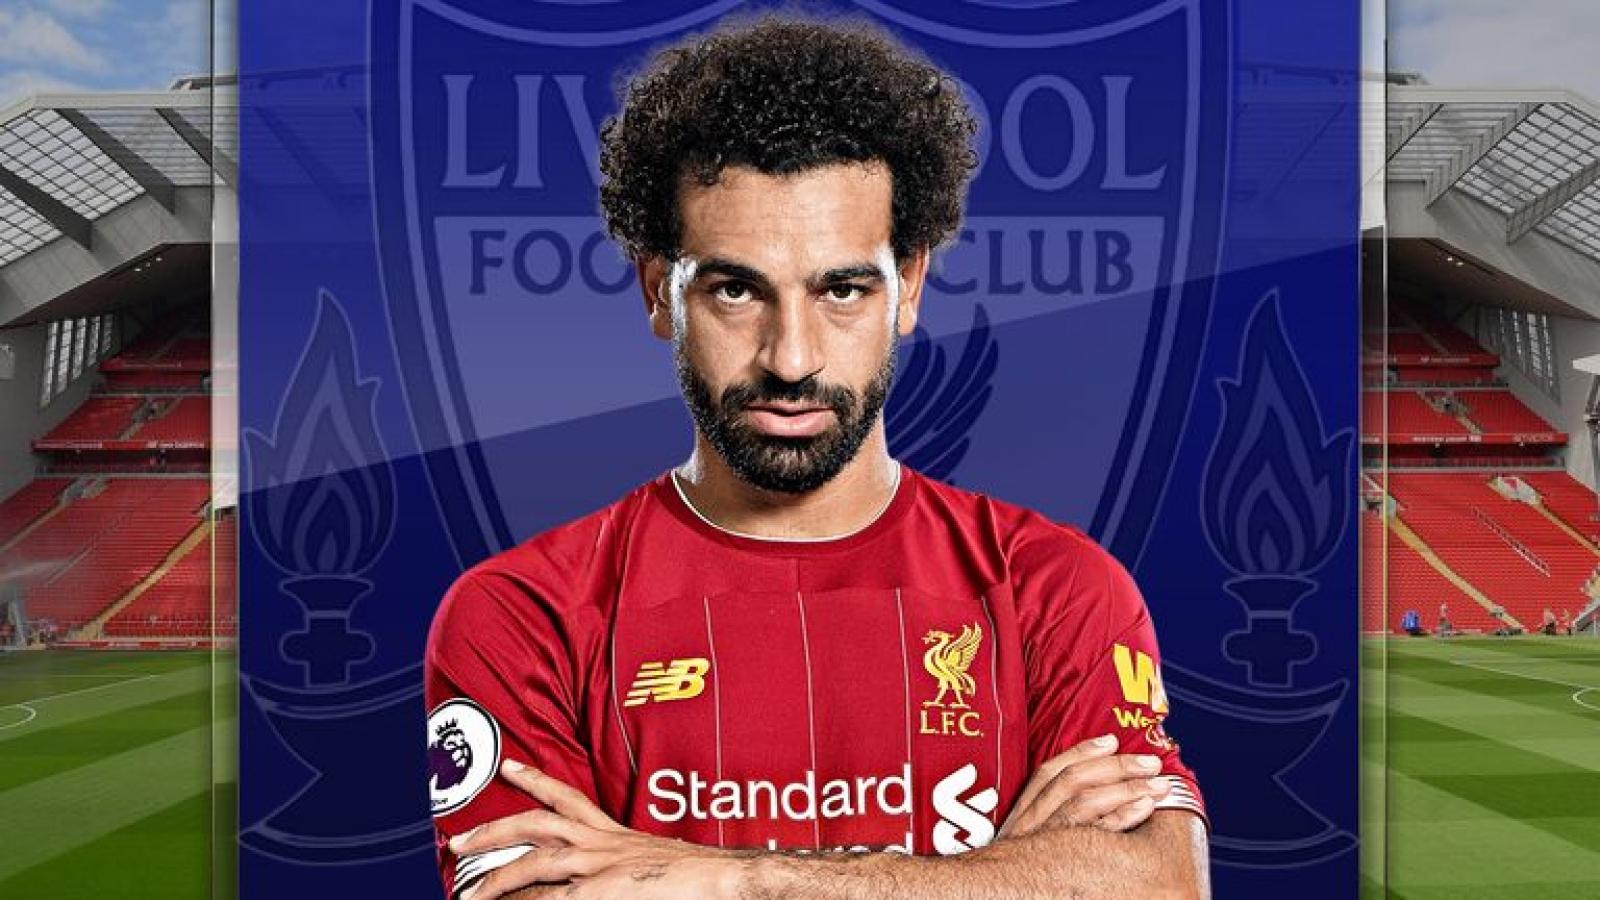 Đội hình dự kiến của Liverpool trước Arsenal: Cột mốc đang chờ Mohamed Salah